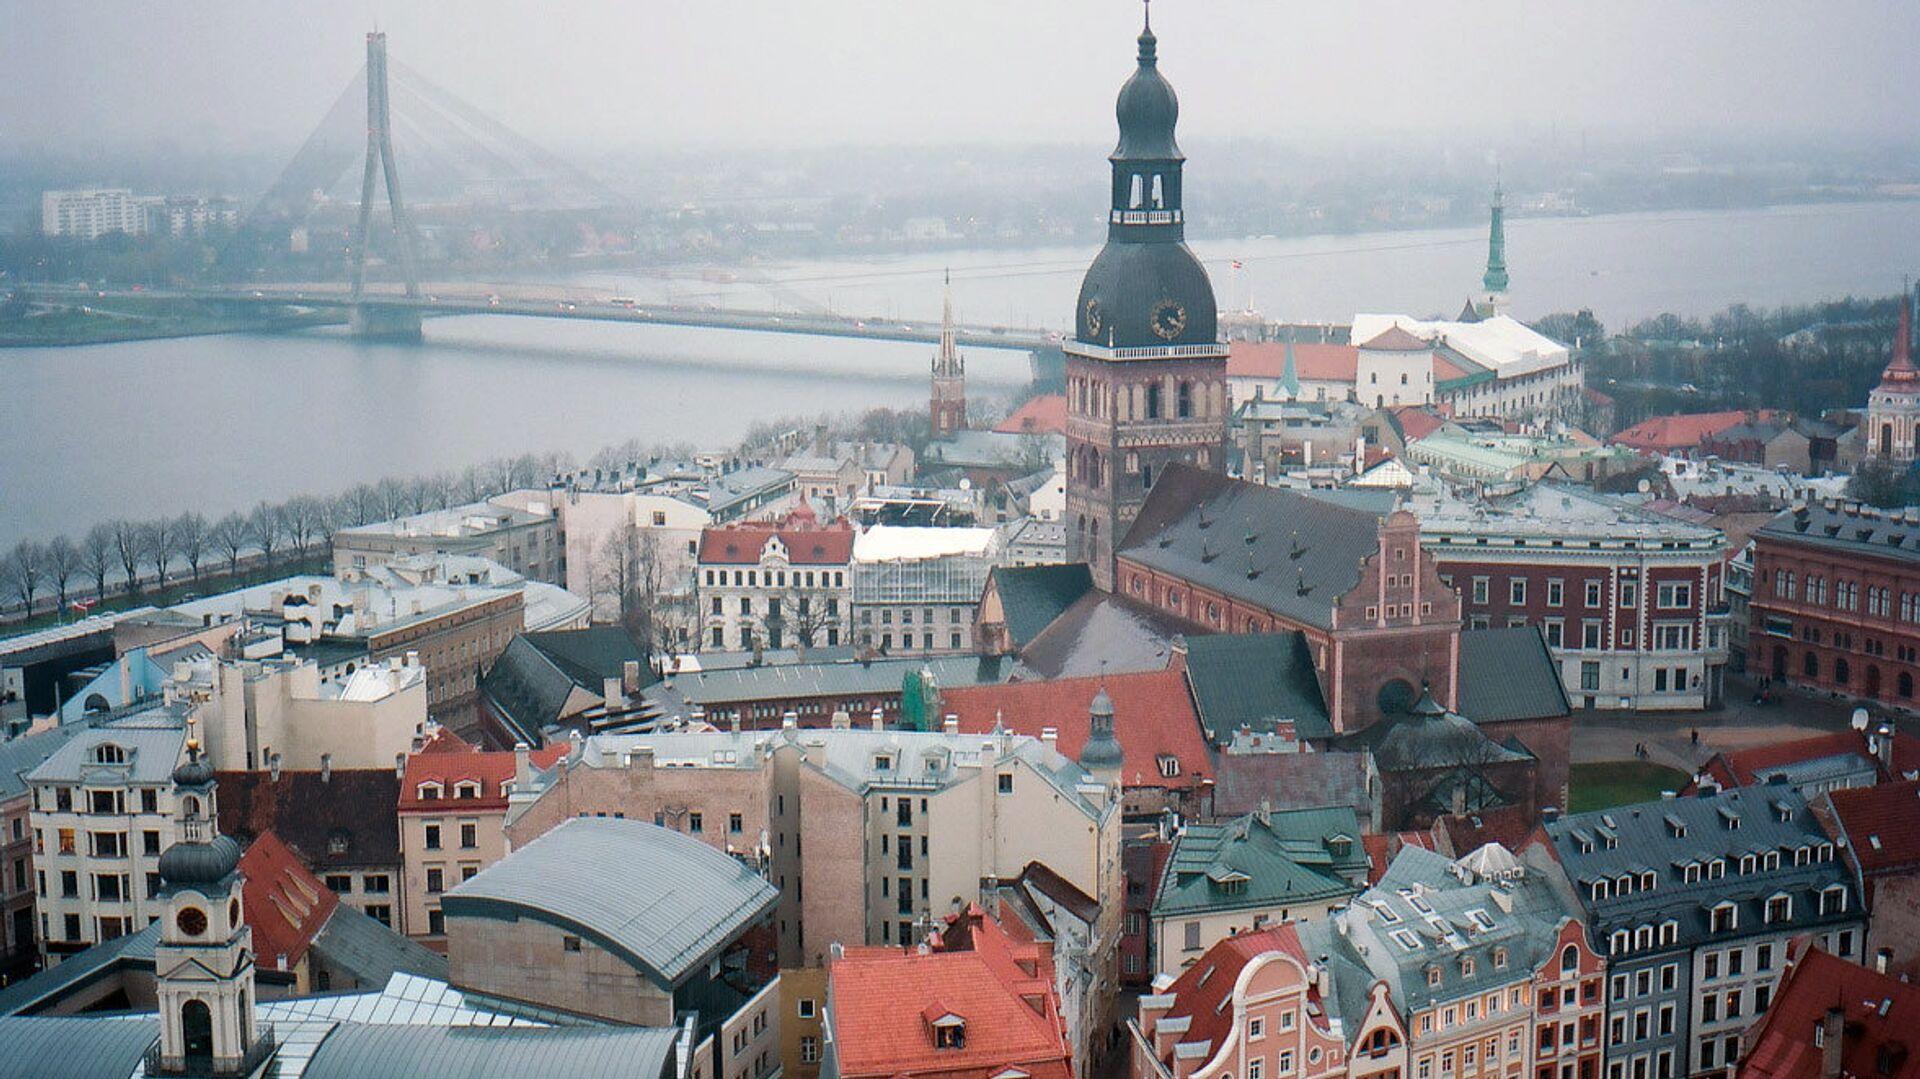 Колокольня Домского кафедрального собора в Риге в Латвии - РИА Новости, 1920, 29.05.2021